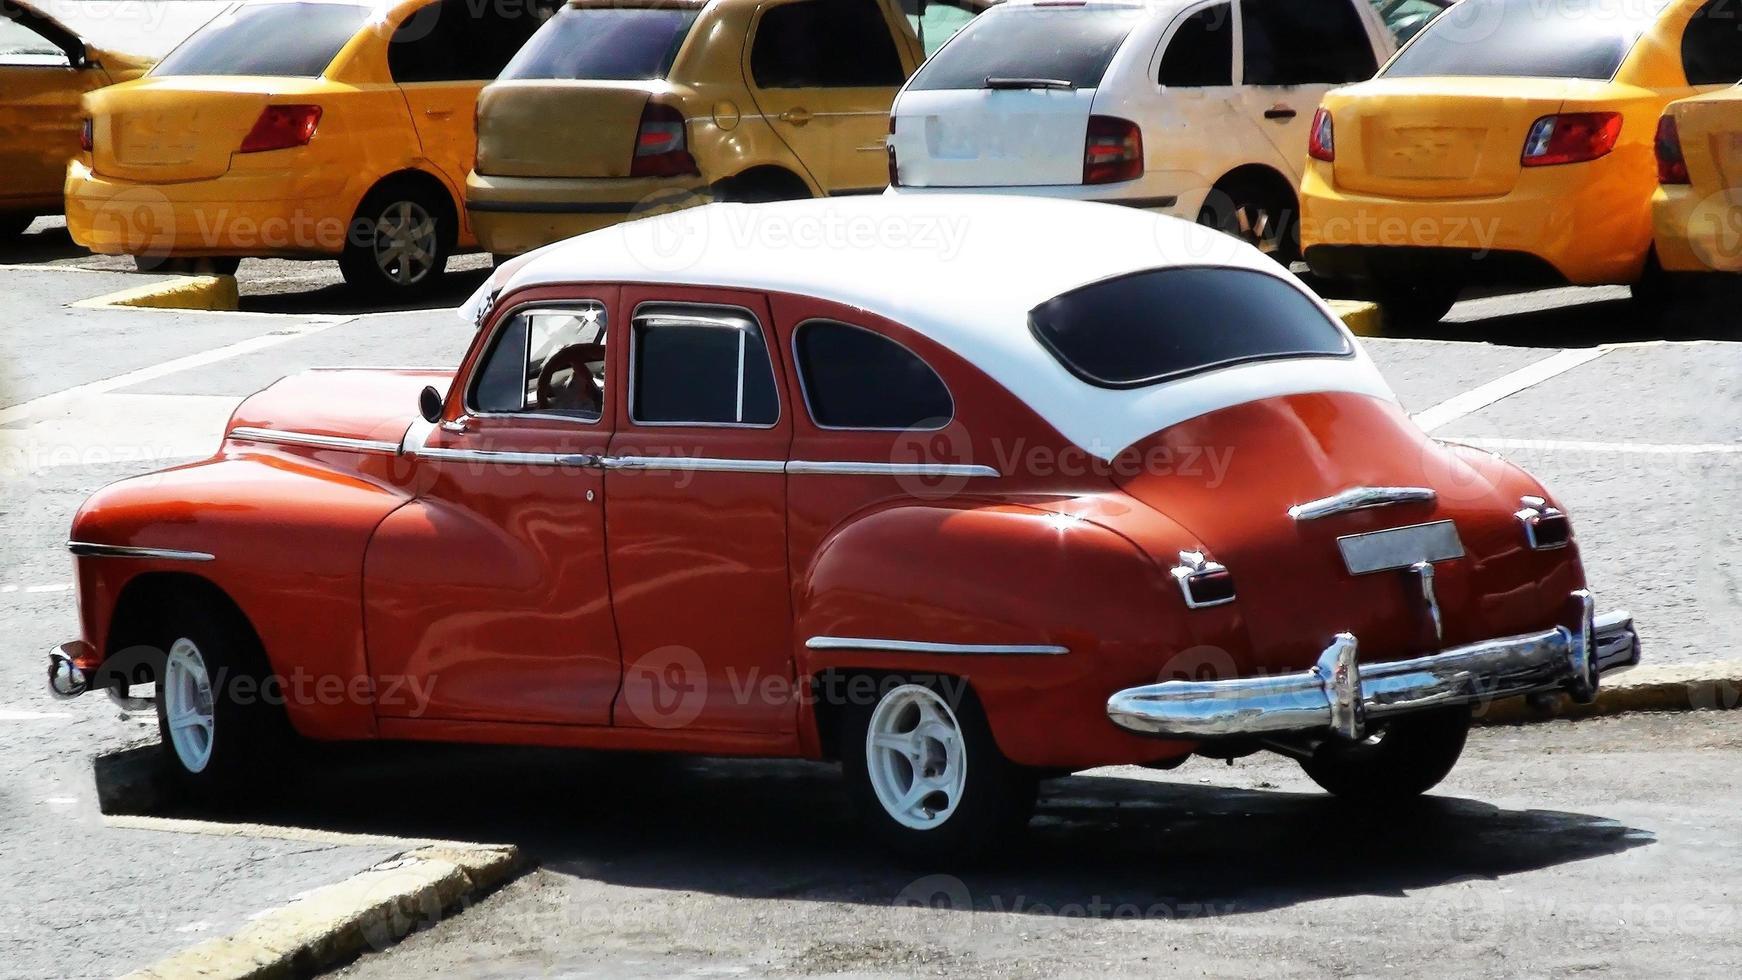 Besichtigung eines geparkten Oldtimers foto